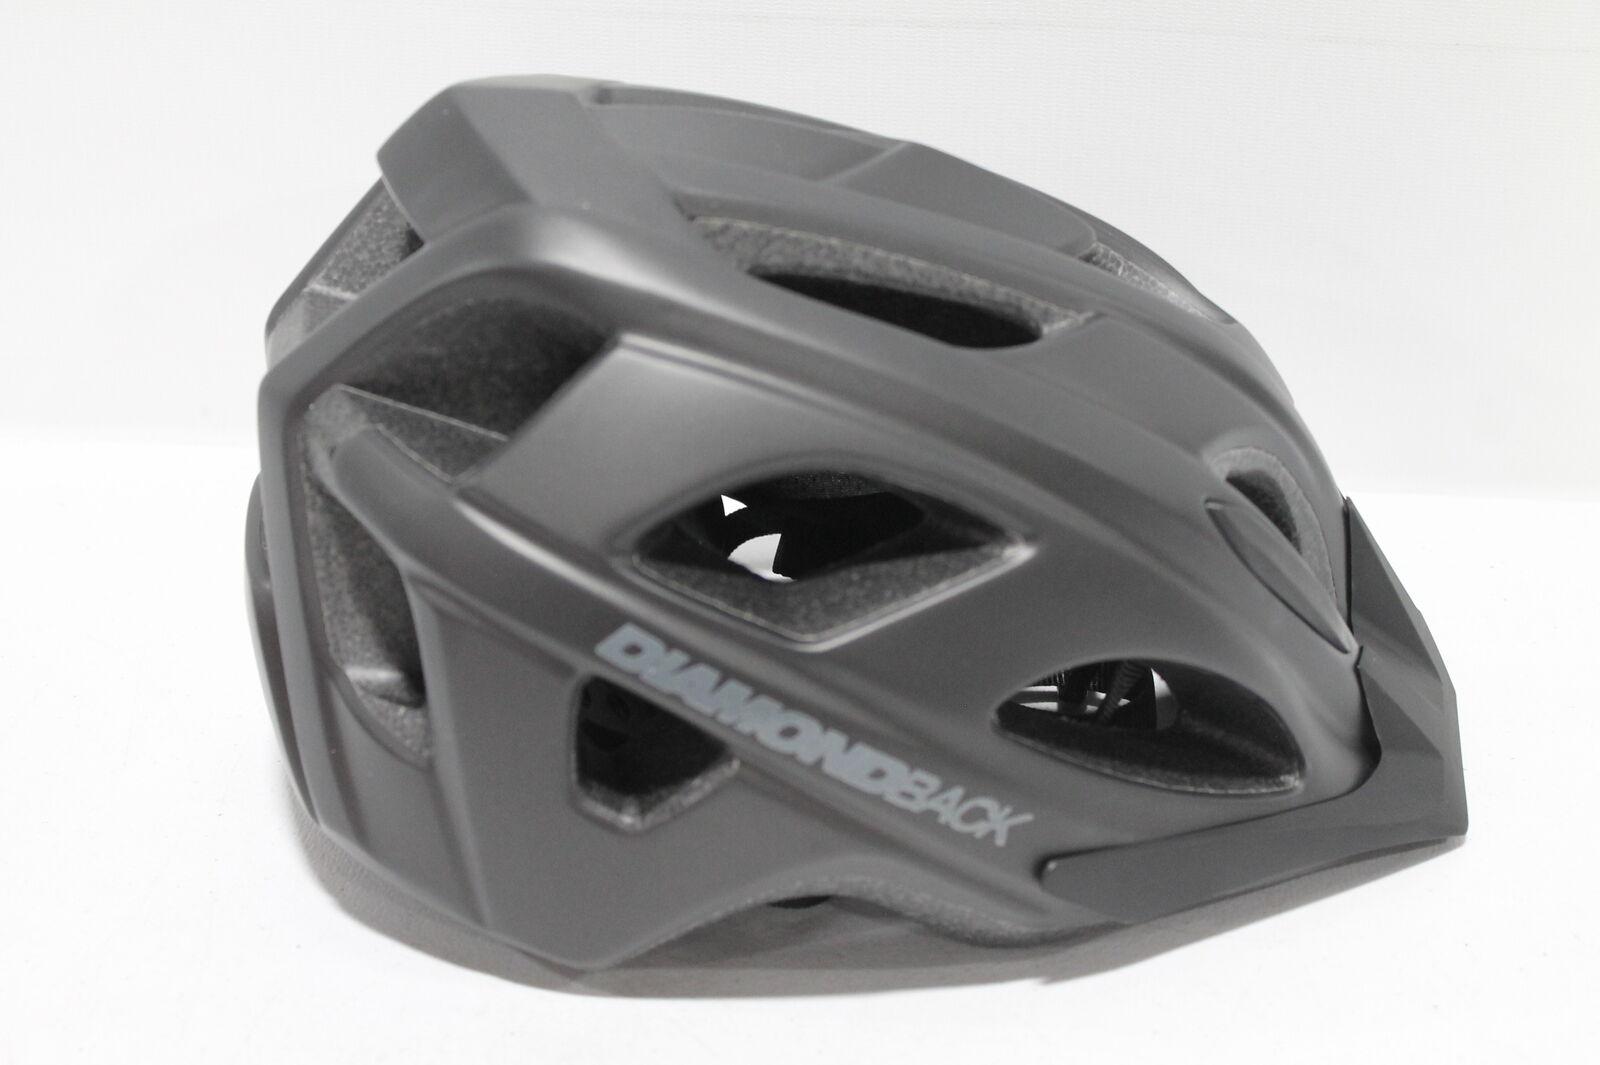 Diamondback 88-32-716 Trace Adult Bike Helmet,Medium Flash Orange 52-56cm